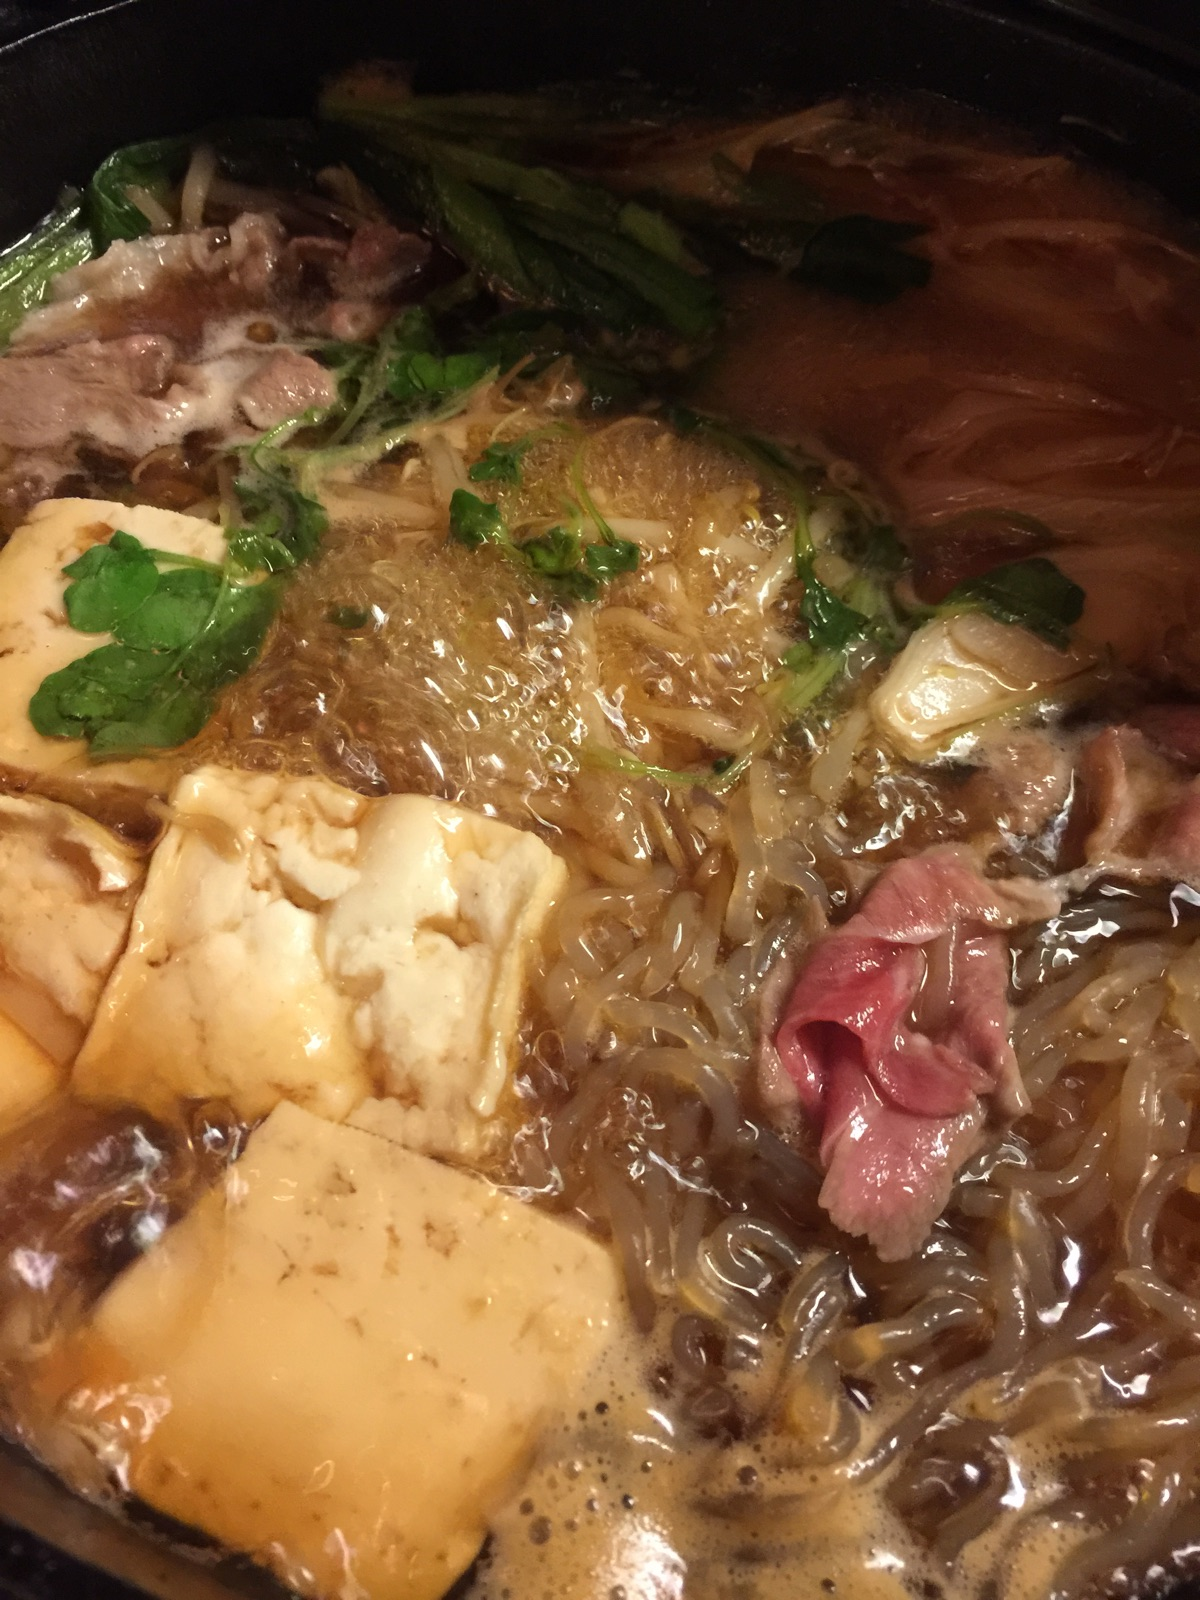 羊肉のすき焼きを食べてみた。目黒のジンギスカン「カブト」